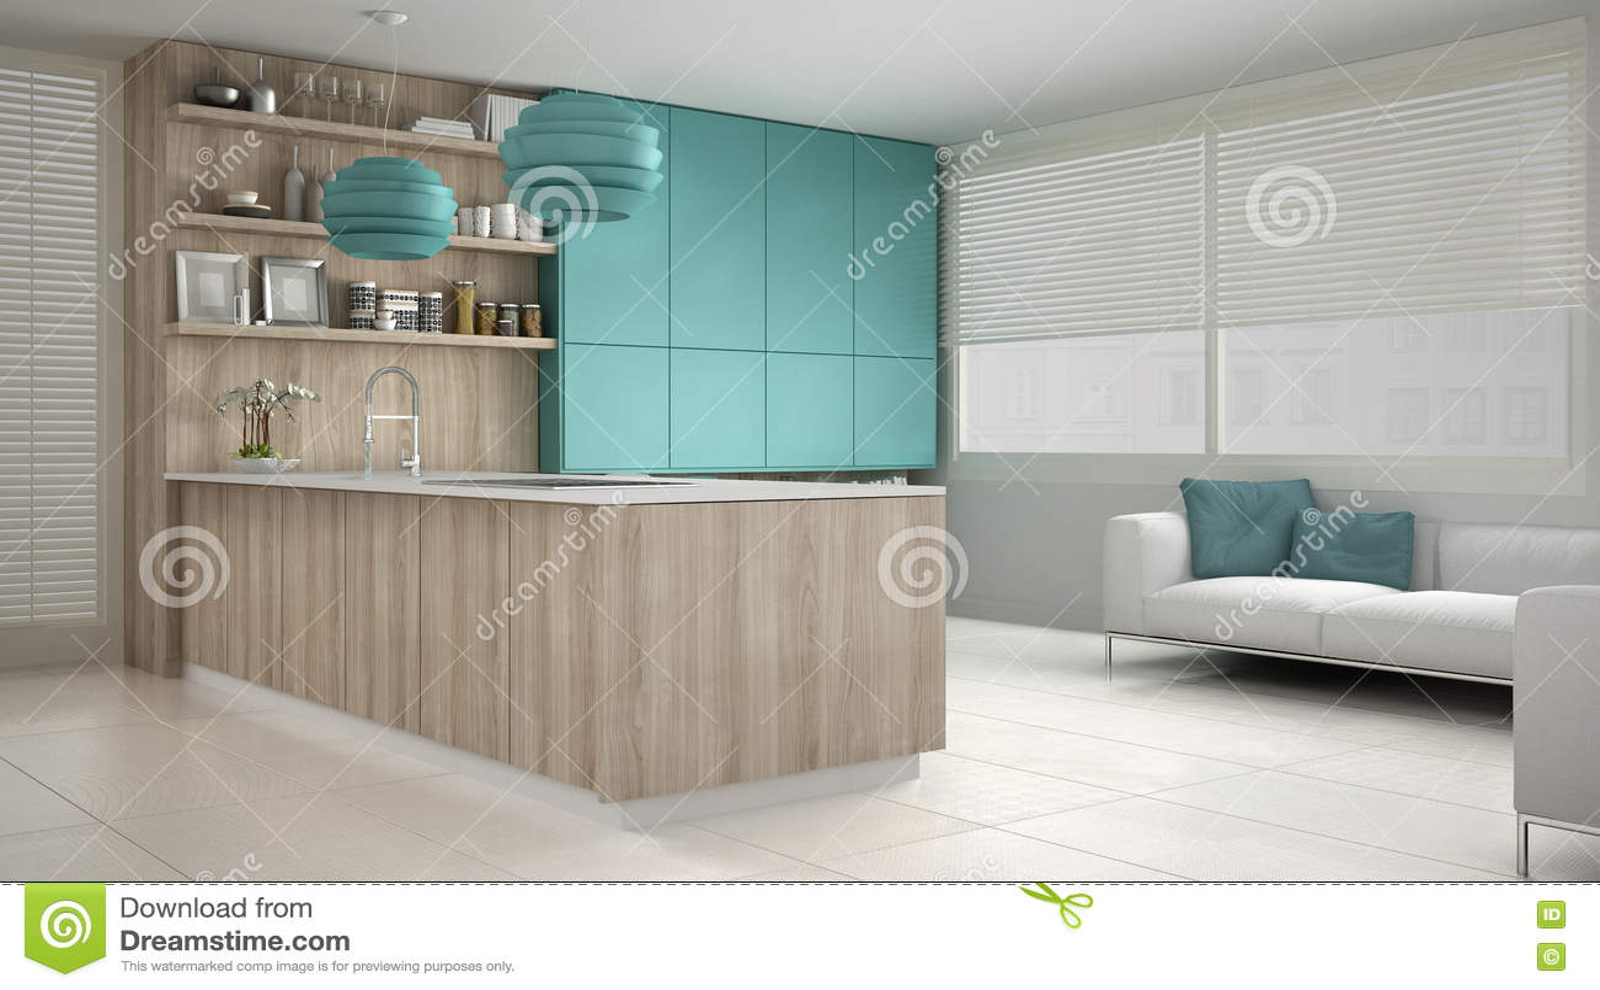 Cucina Bianca Di Minimalistic Con I Dettagli Del Turchese E ...